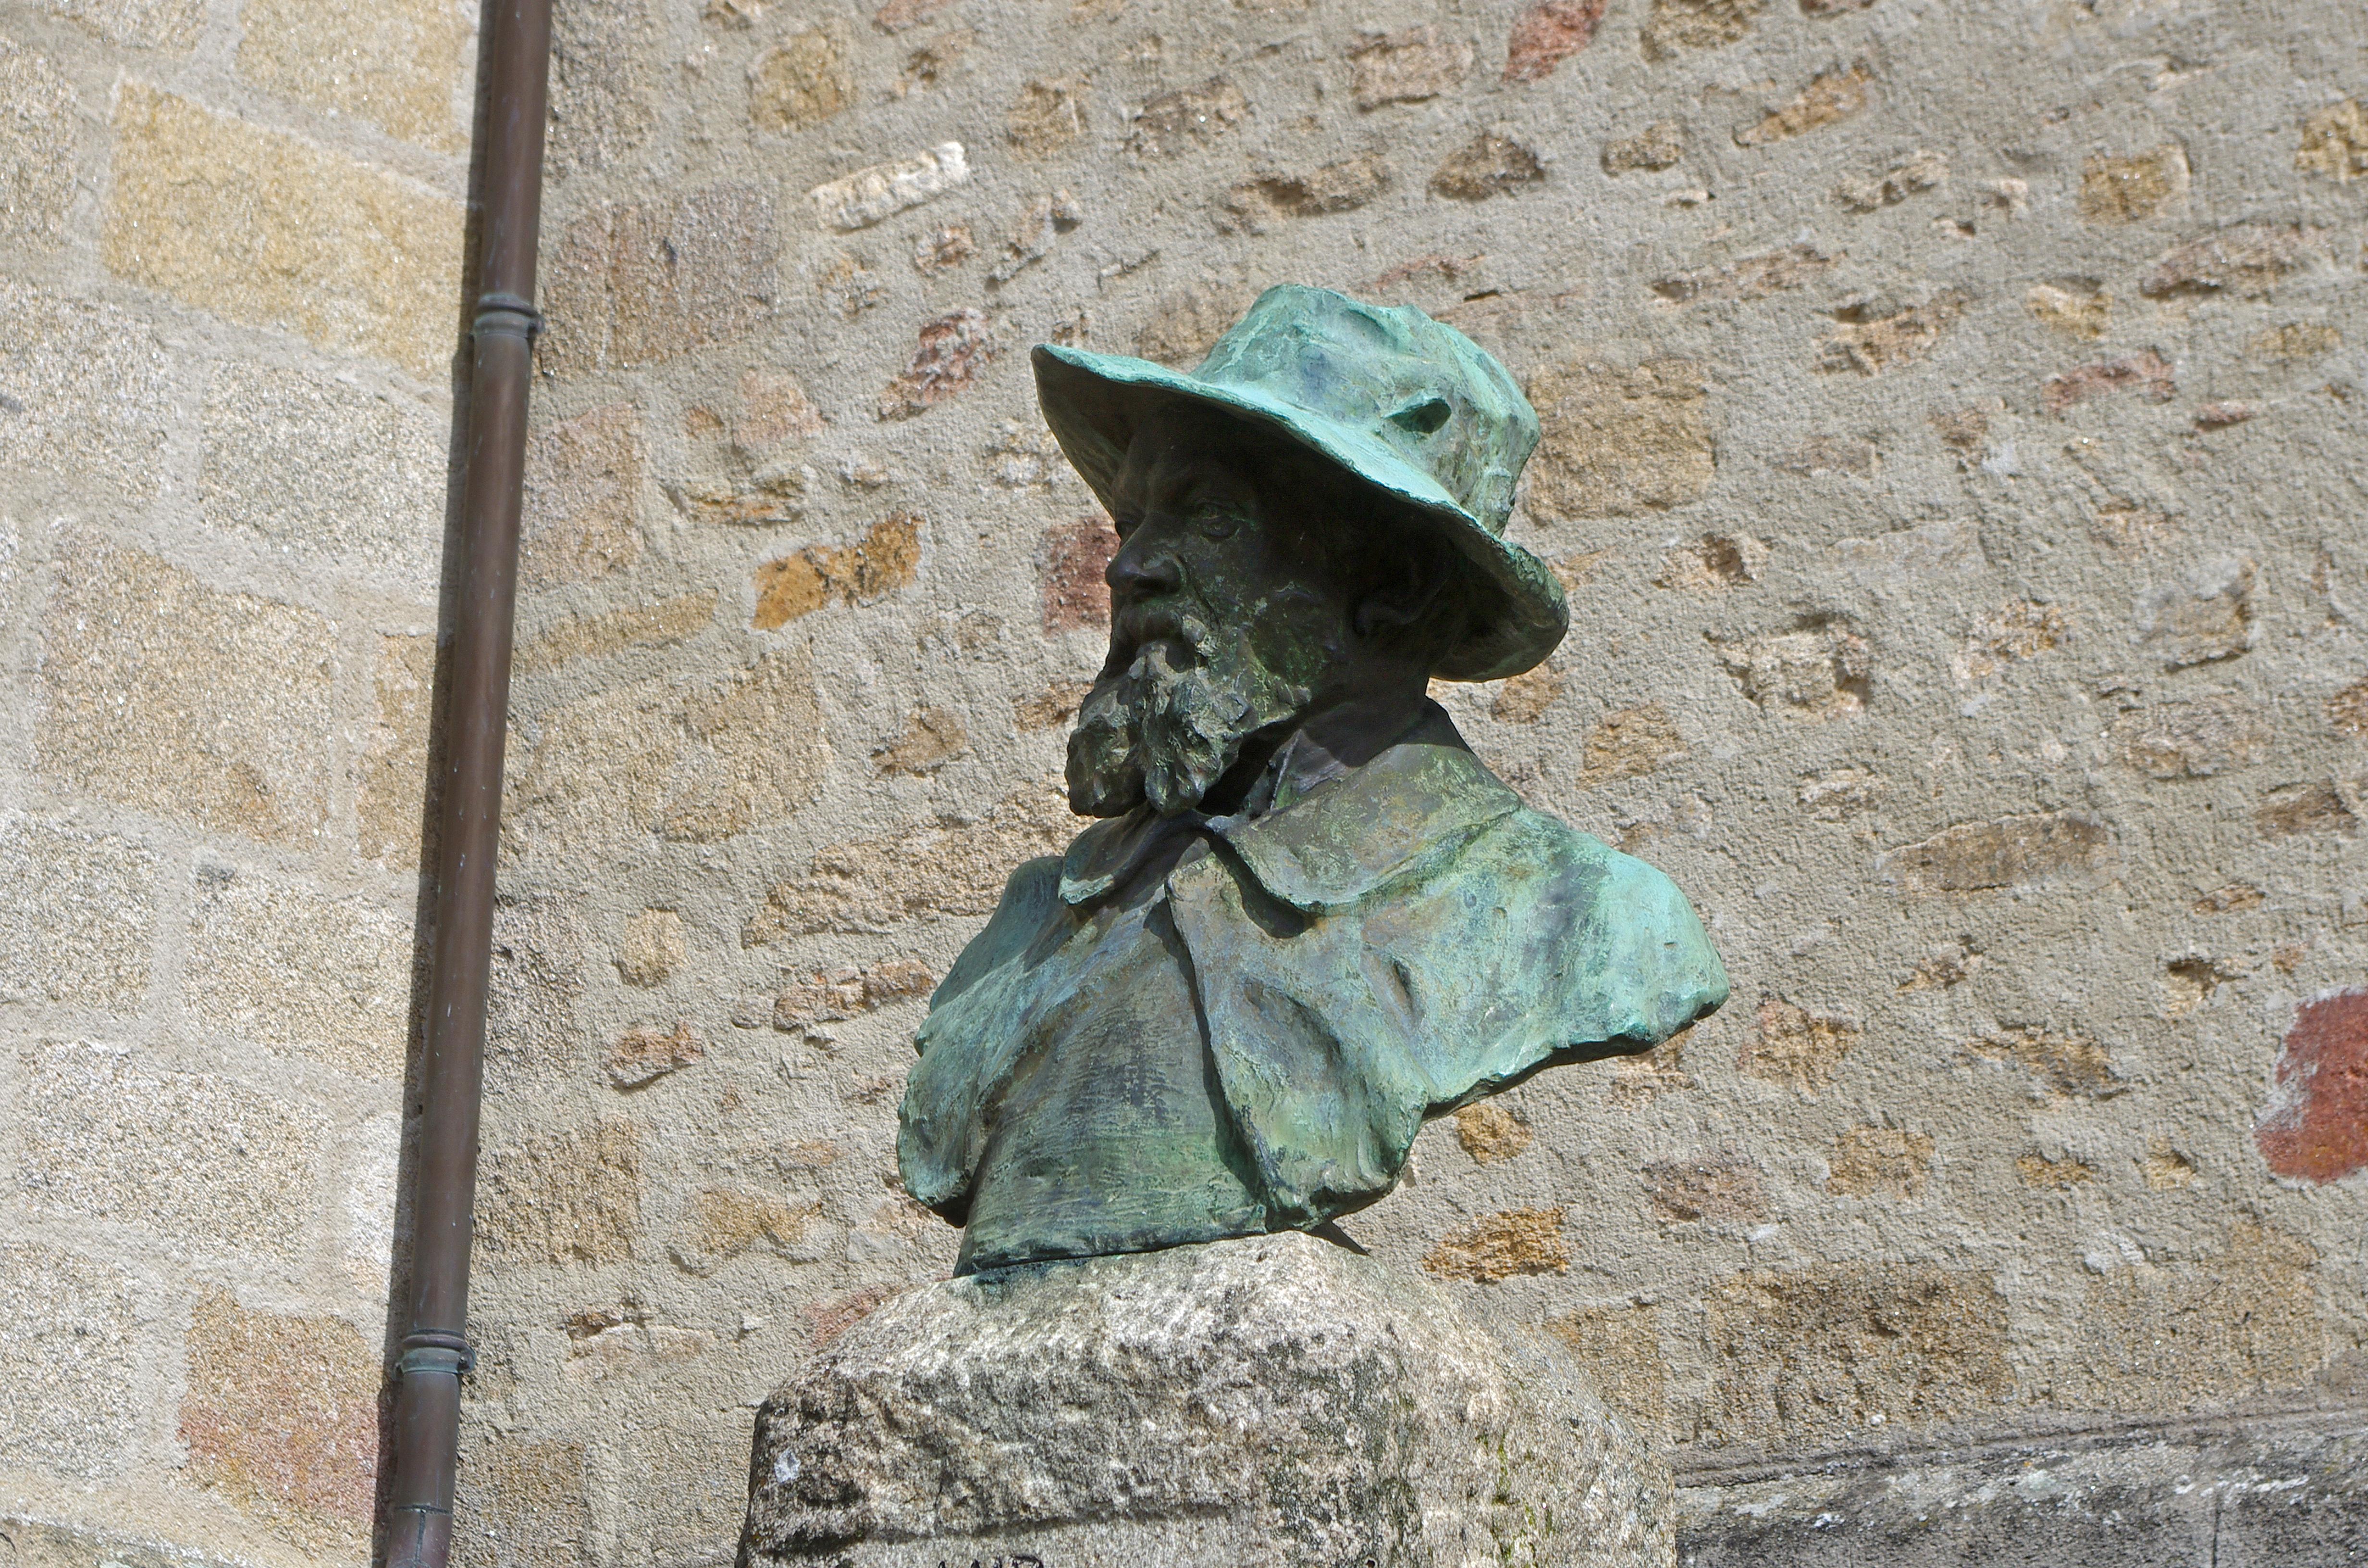 pour s'inscrire aux cours du soir de l'Académie Suisse* de Paris. Il y rencontre Pissarro et Cézanne avec qui il se lie d'amitié. Ses nouveaux amis lui